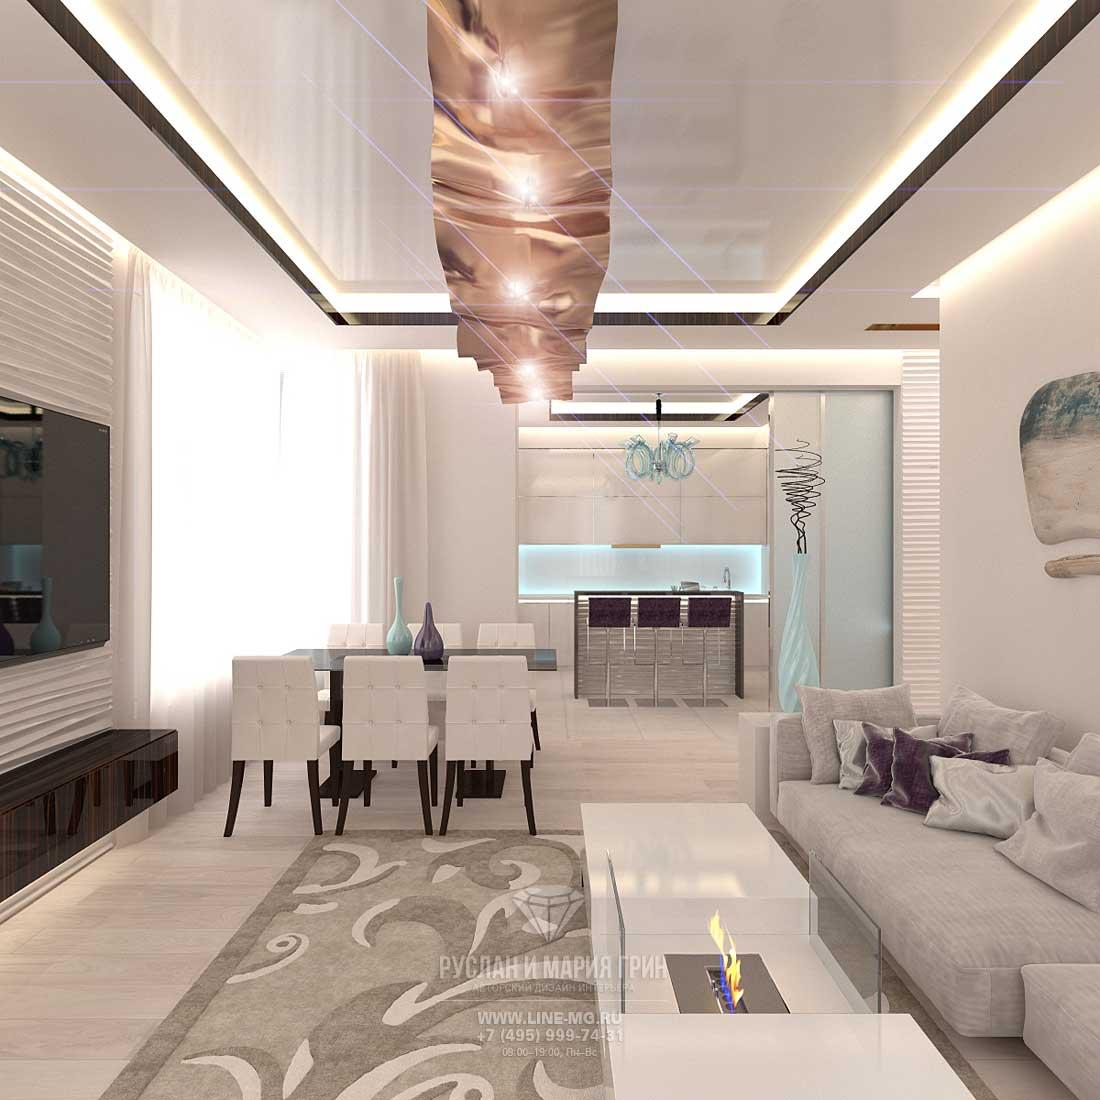 Дизайн гостиной, совмещенной с кухней. Фото интерьера квартиры в стиле ар-деко